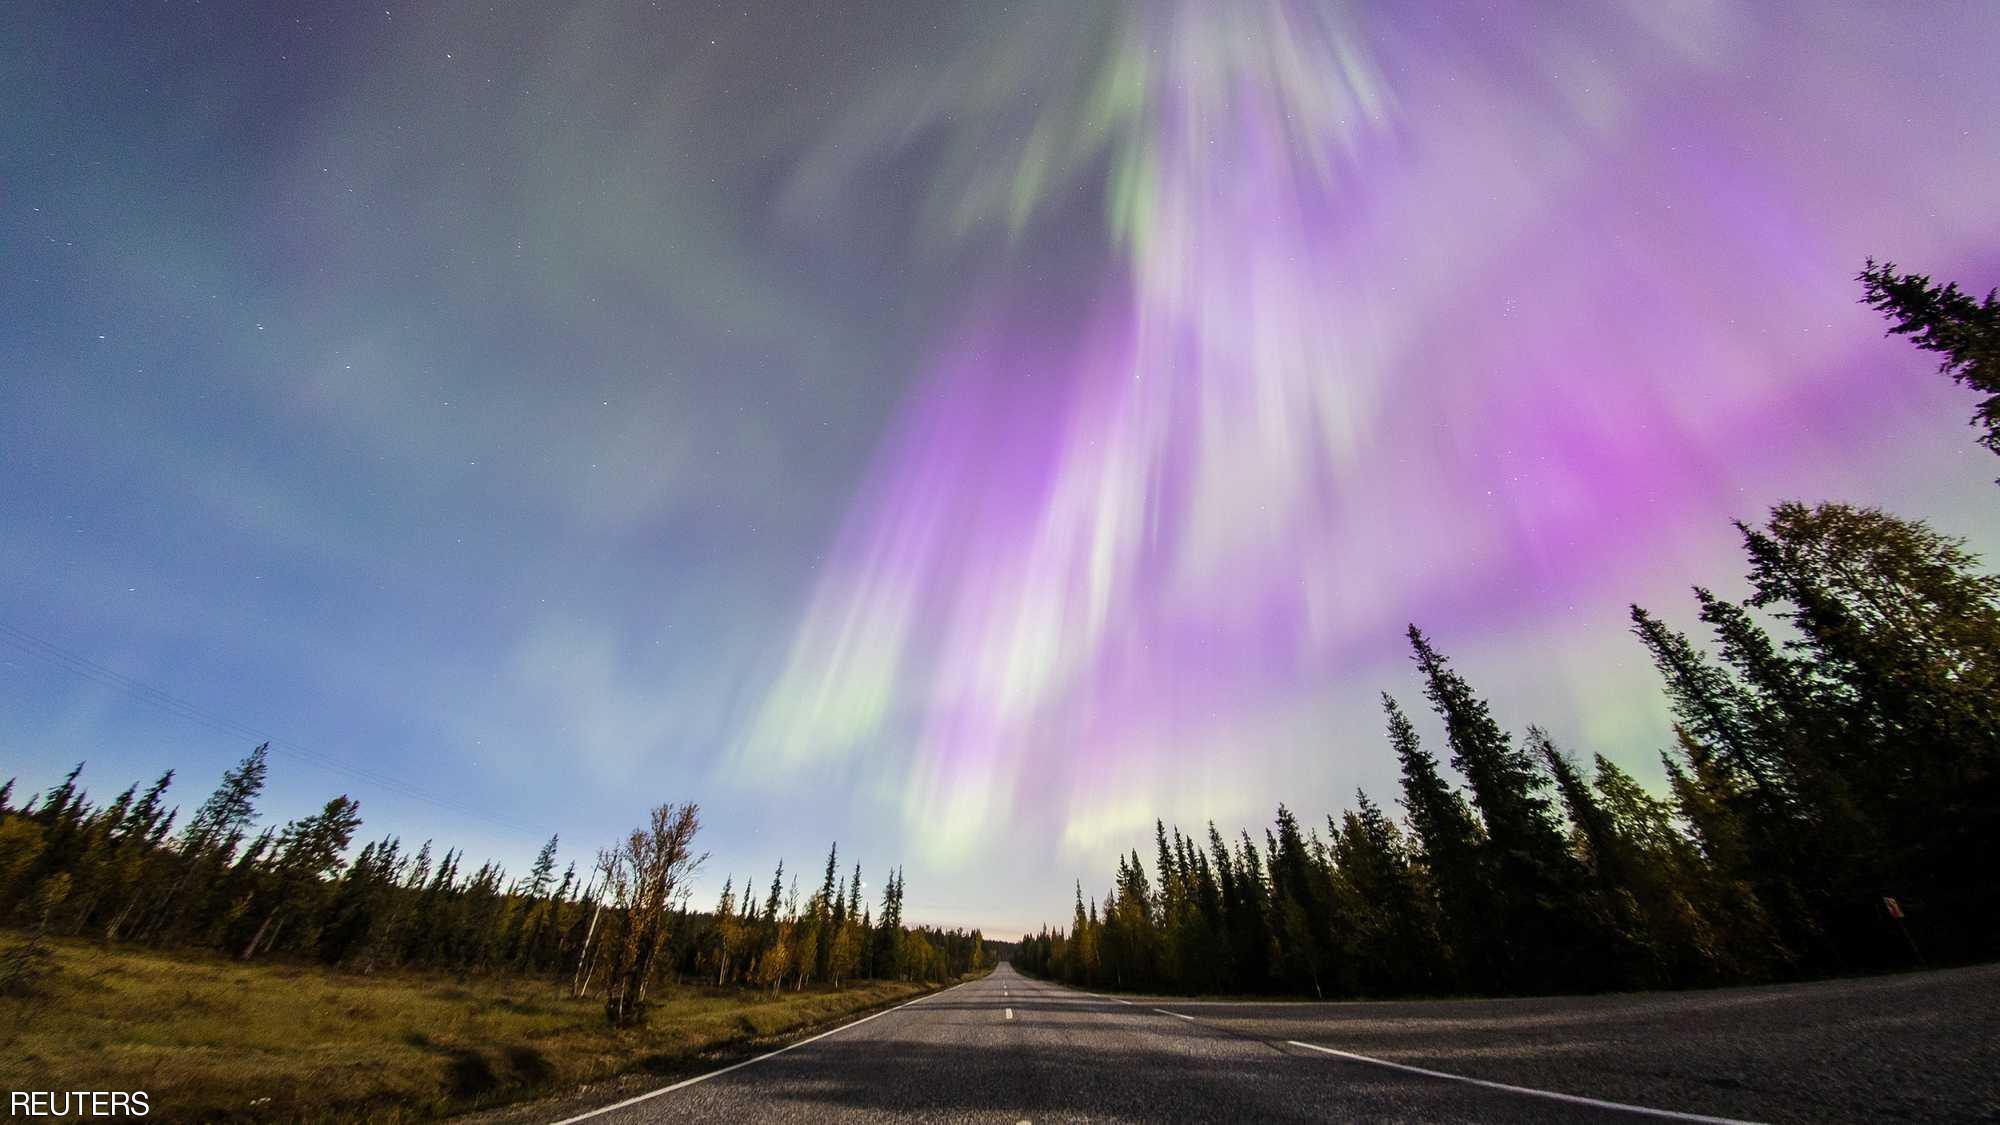 شفق مدهش يضيء السماء بألوان عديدة